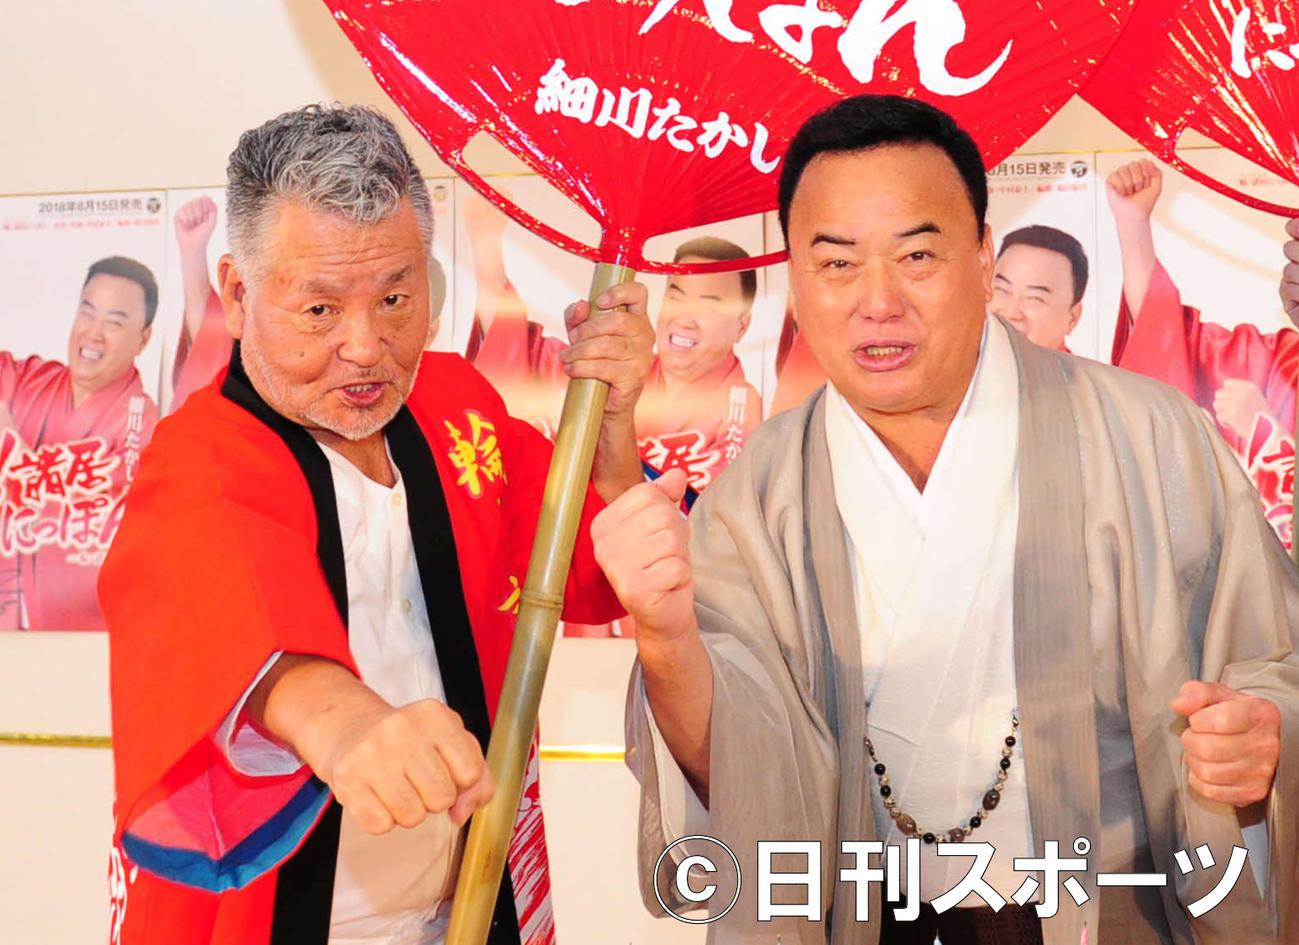 細川たかし(右)の誕生日を祝福する中村泰士さん(2018年6月15日撮影)